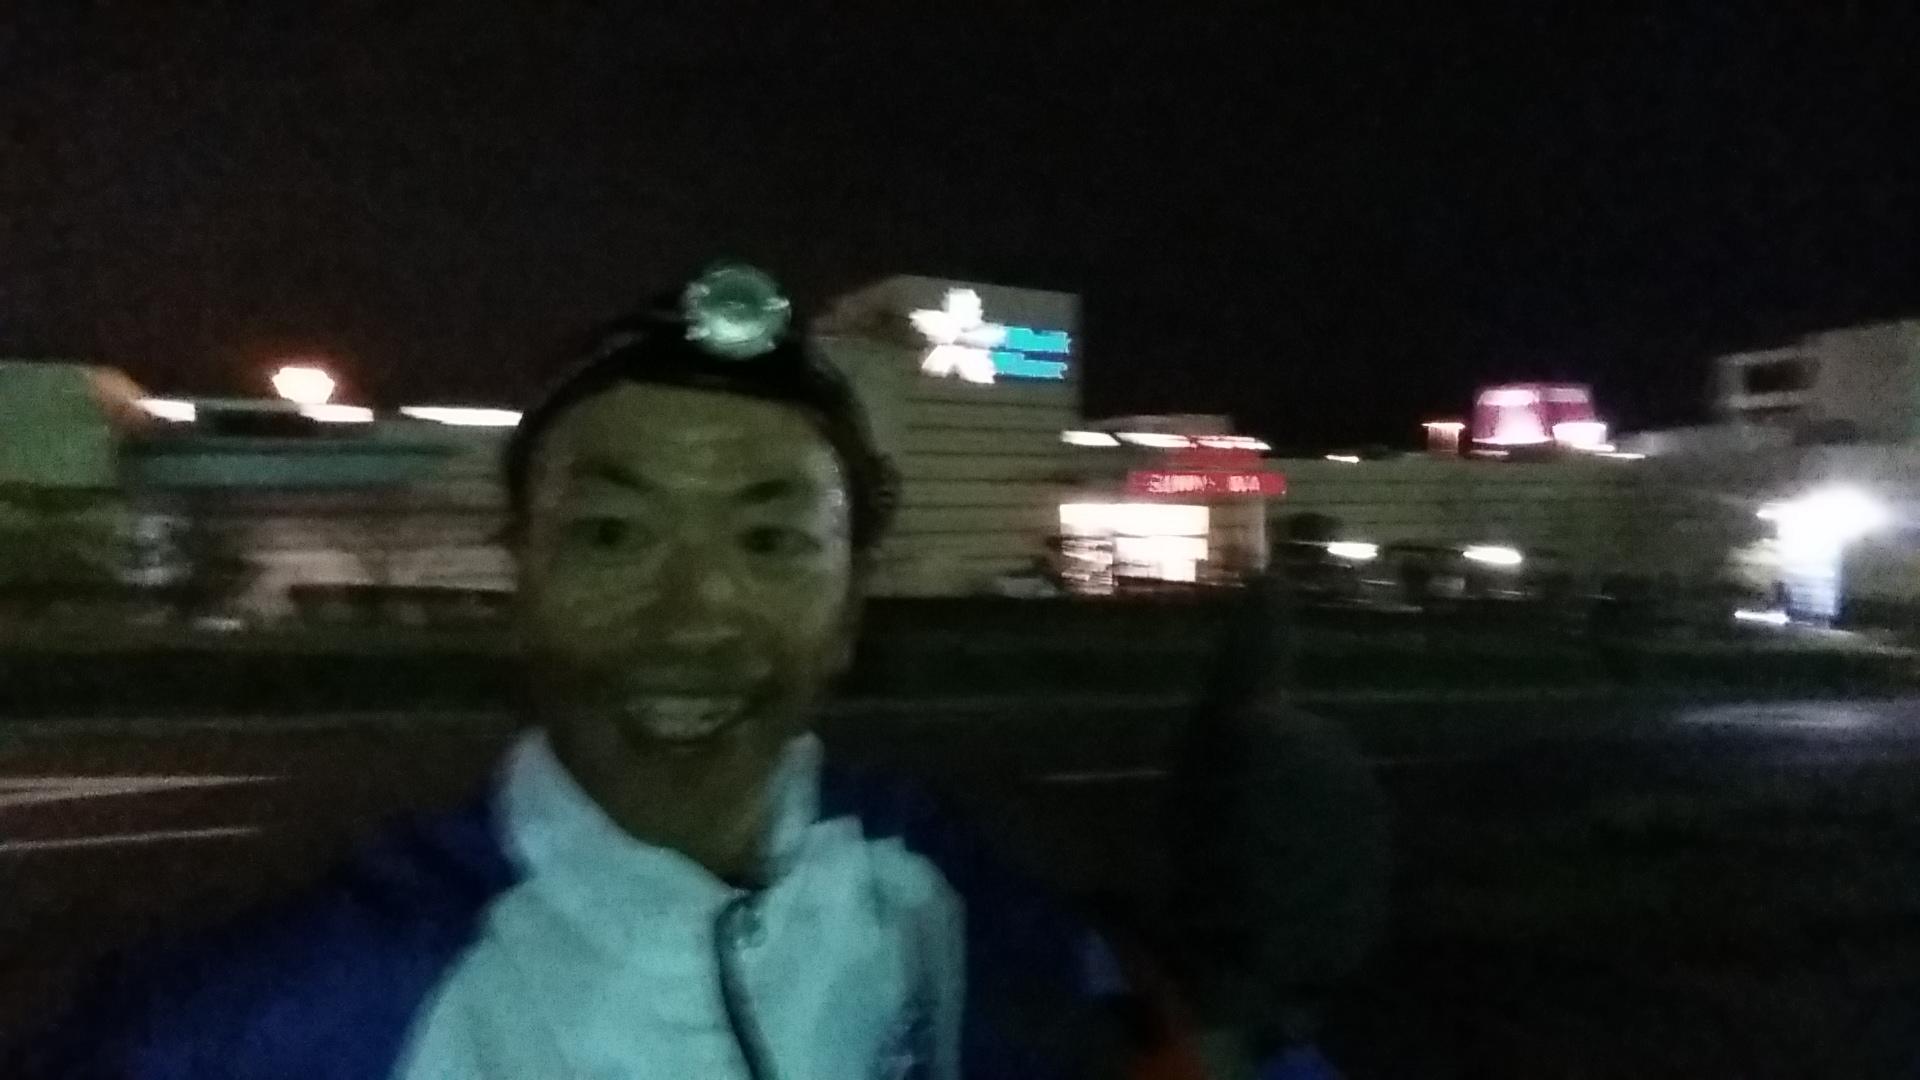 20151124_211342.jpg